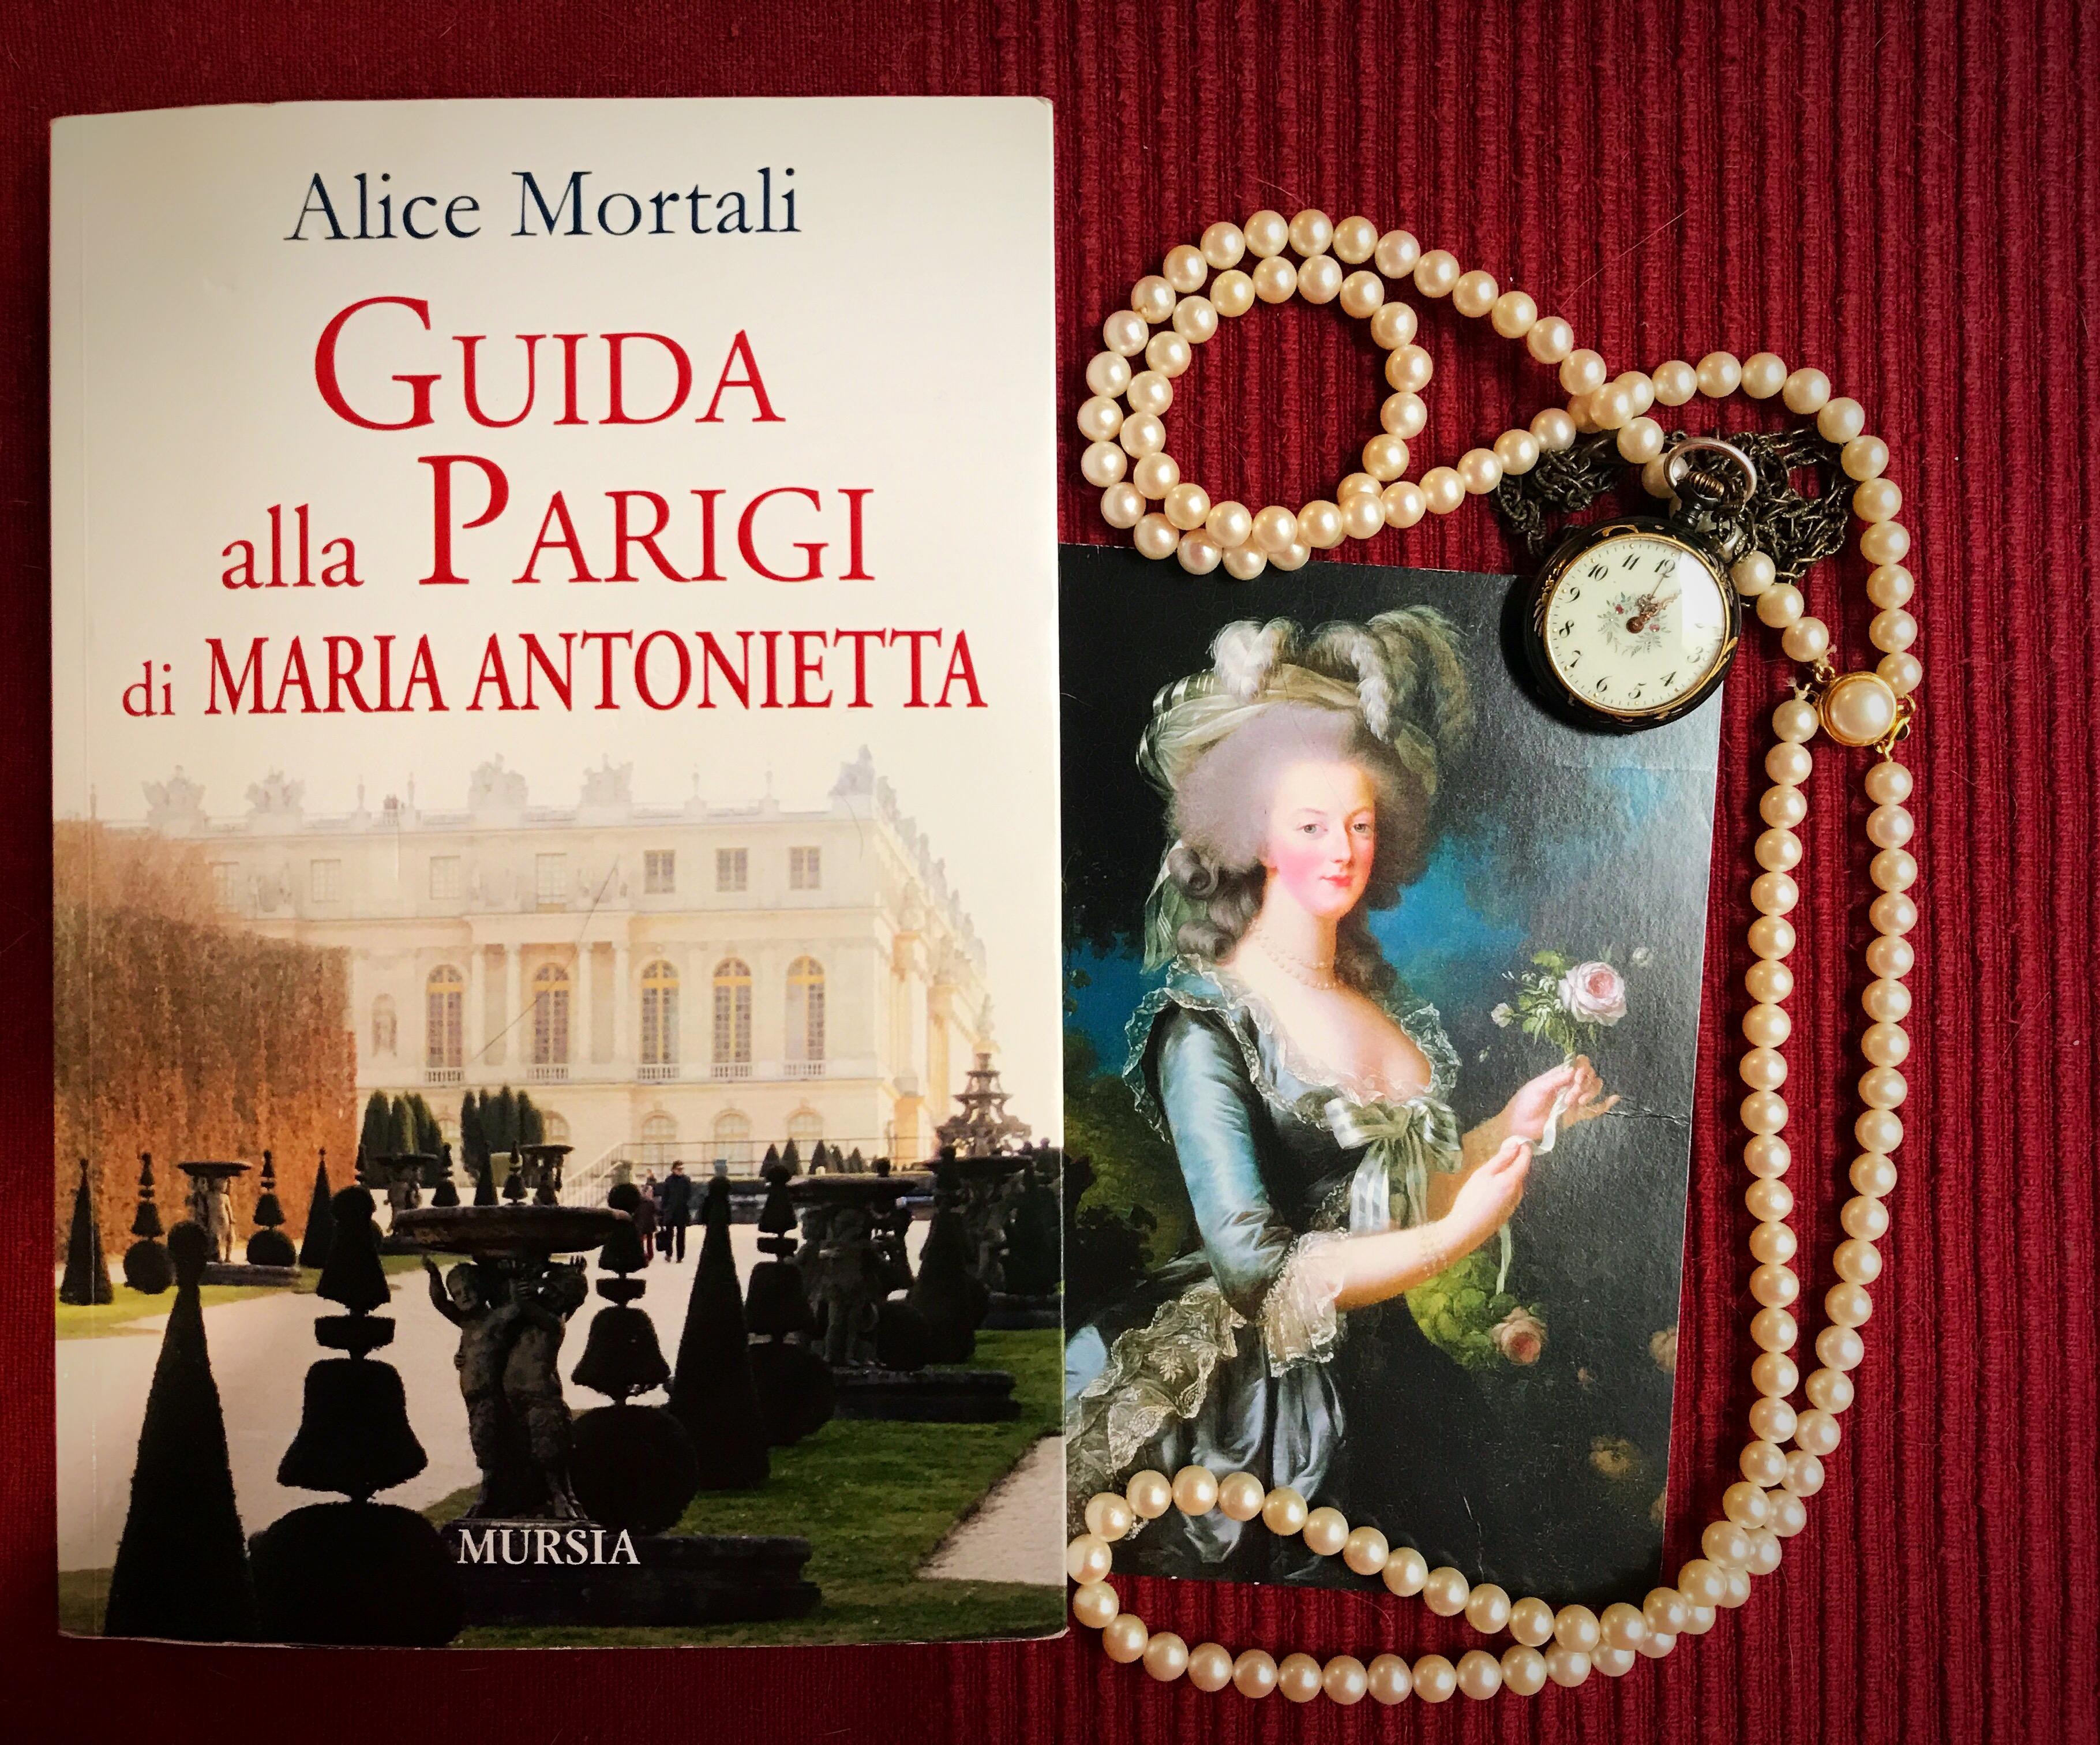 La Parigi di Maria Antonietta